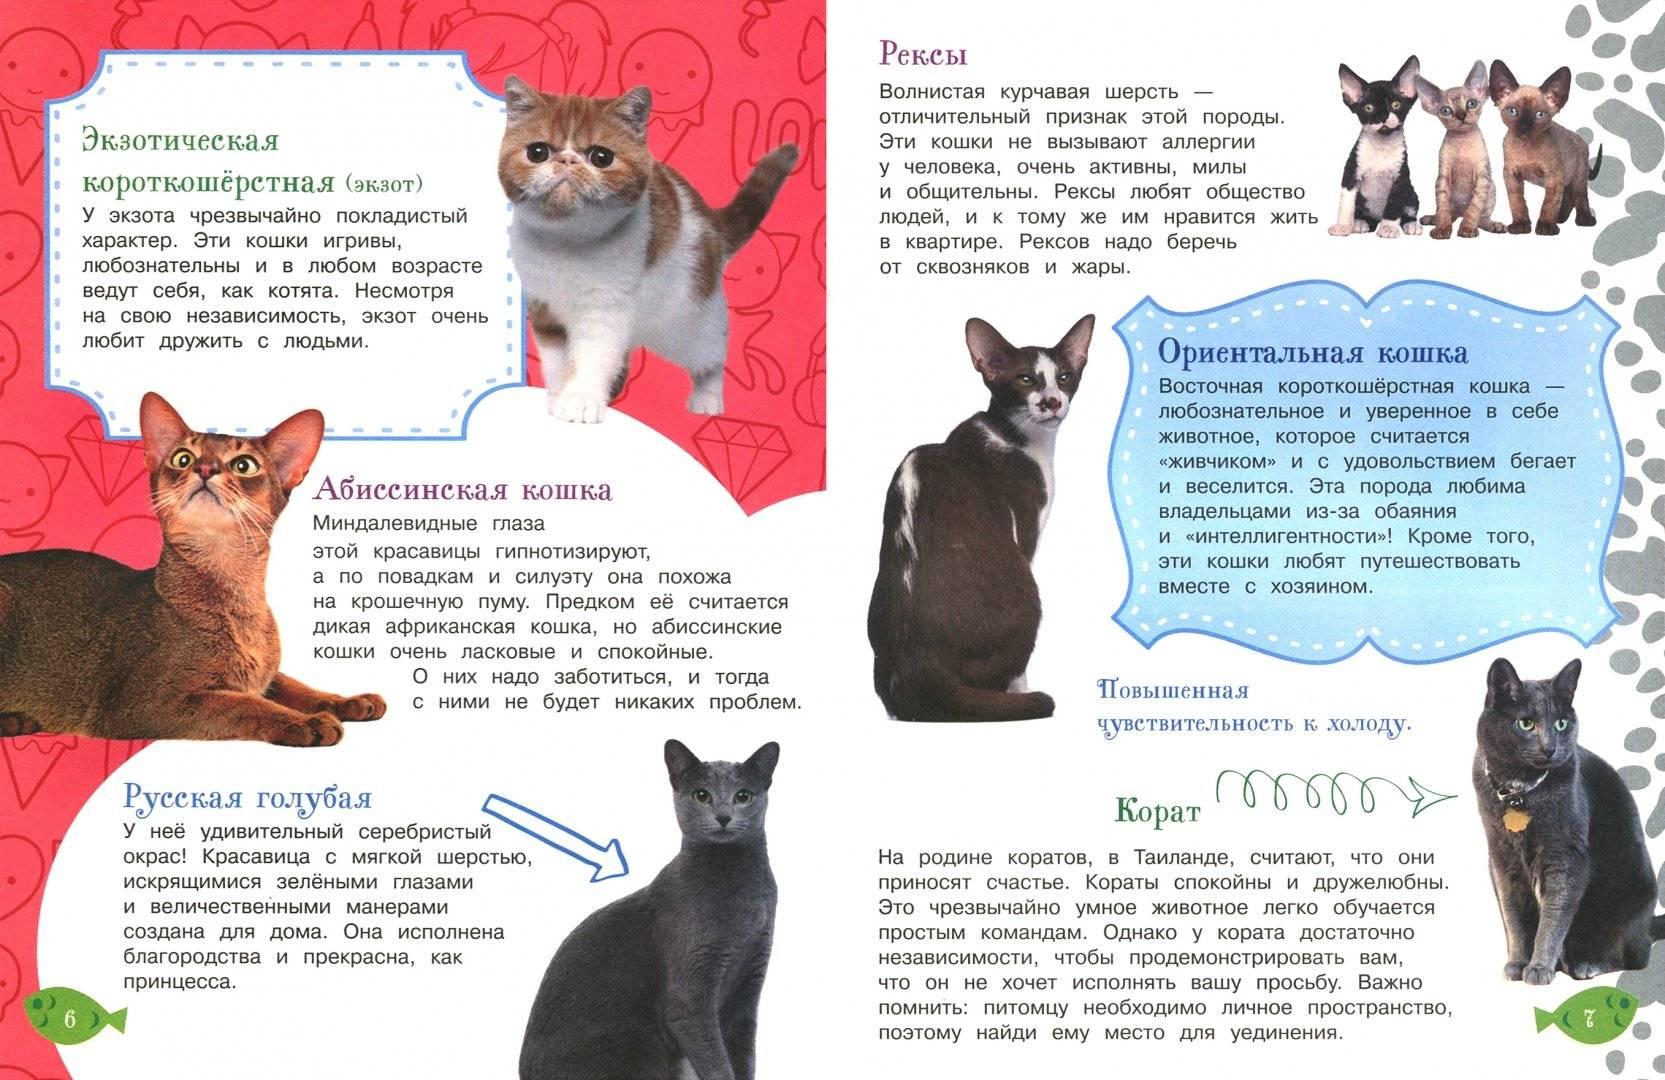 Правильное воспитание котенка или как воспитать умного кота — выкладываем во всех подробностях